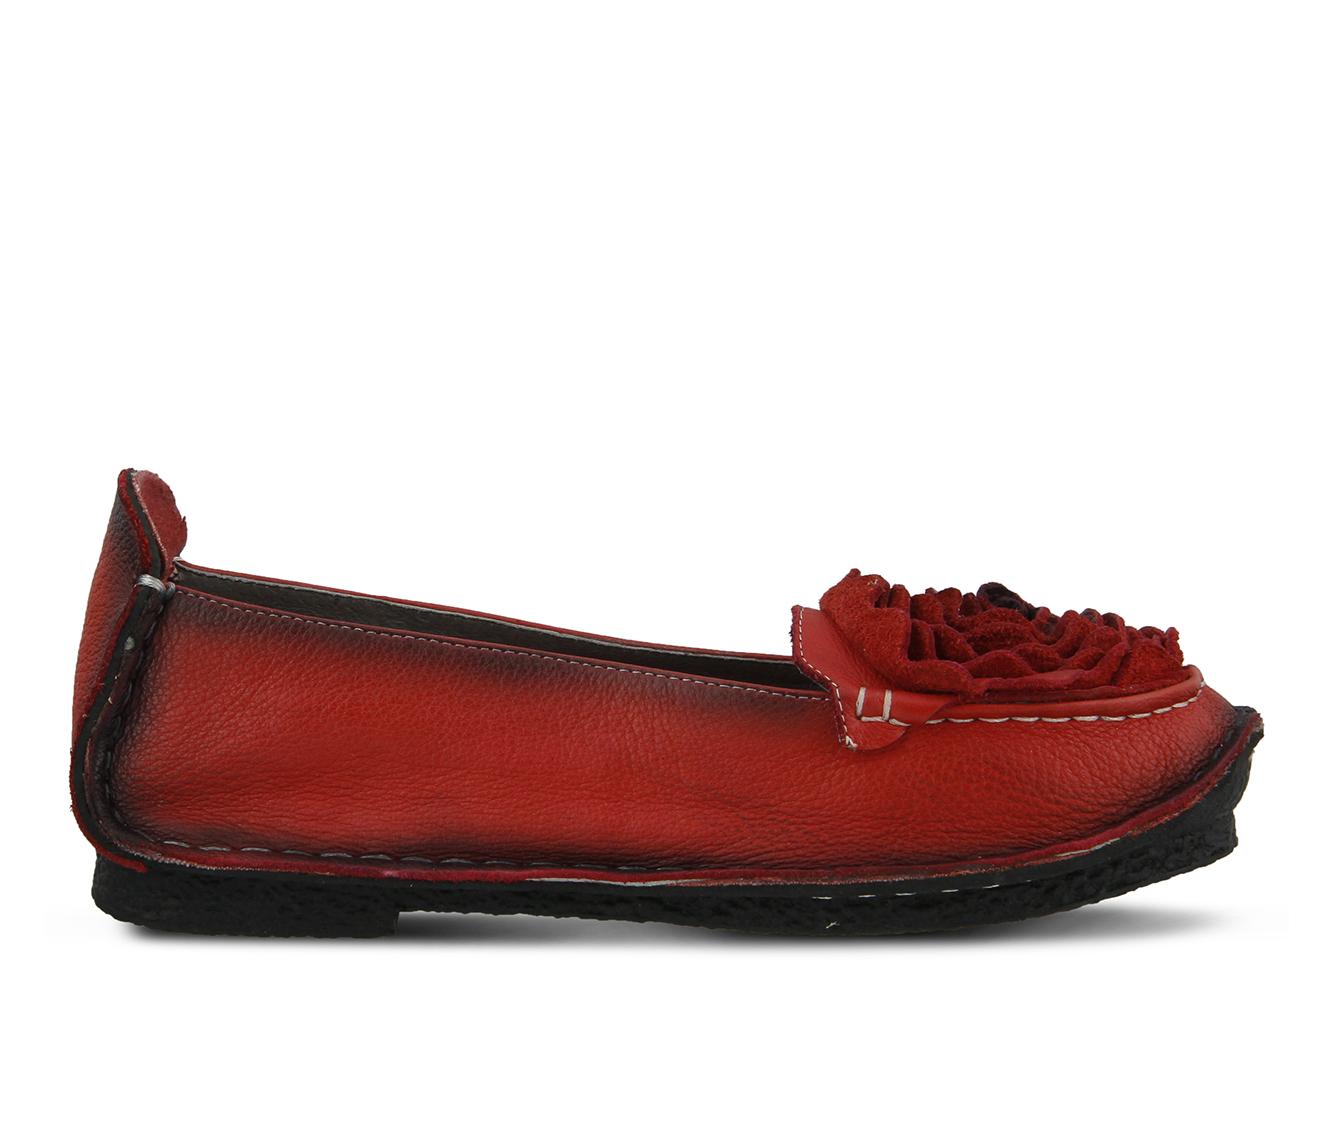 L'Artiste Dezi Women's Shoe (Red Leather)